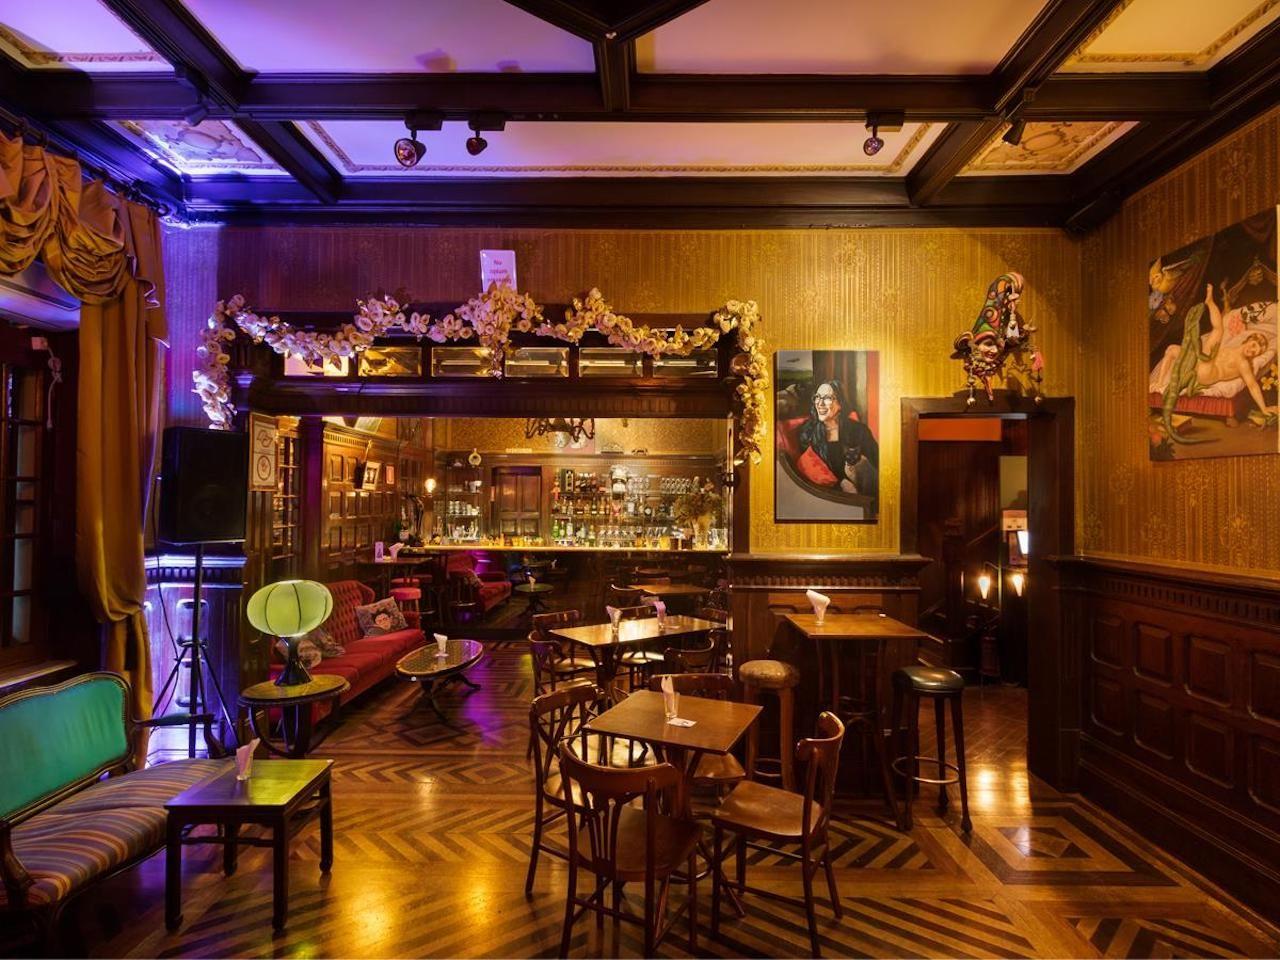 Drosophyla Bar in Sao Paulo, Brazil